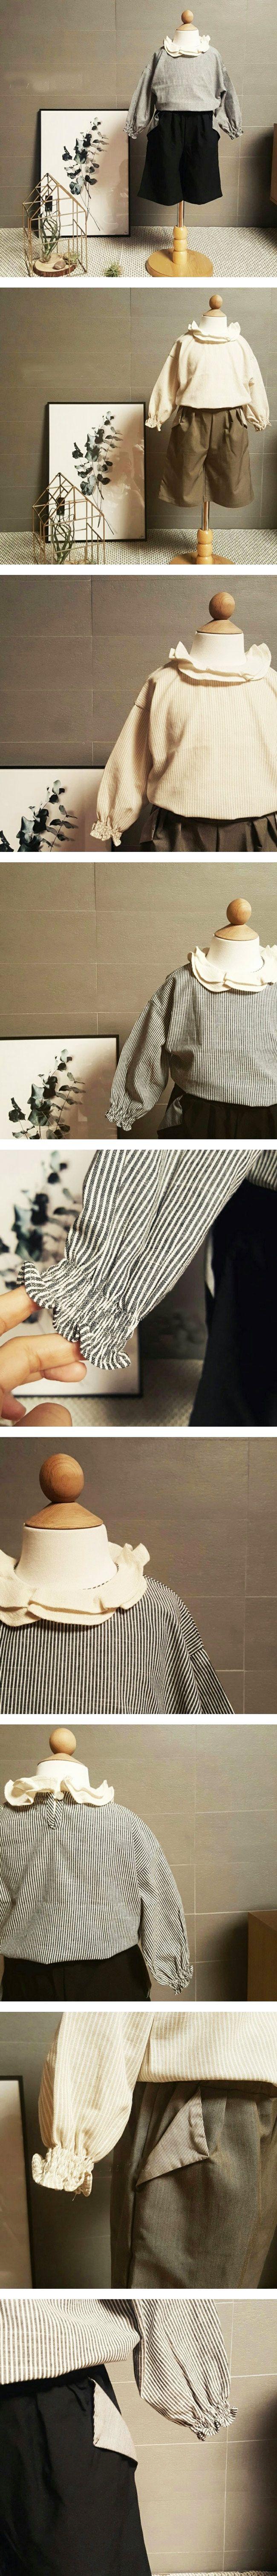 二重フリルとストライプ、そして袖にクシュッが可愛い。リーフスモックブラウス ベージュ チャコール フリル  ストライプ 韓国子供服  キッズ 男の子 女の子 90cm 100cm 110cm  120cm 130cm